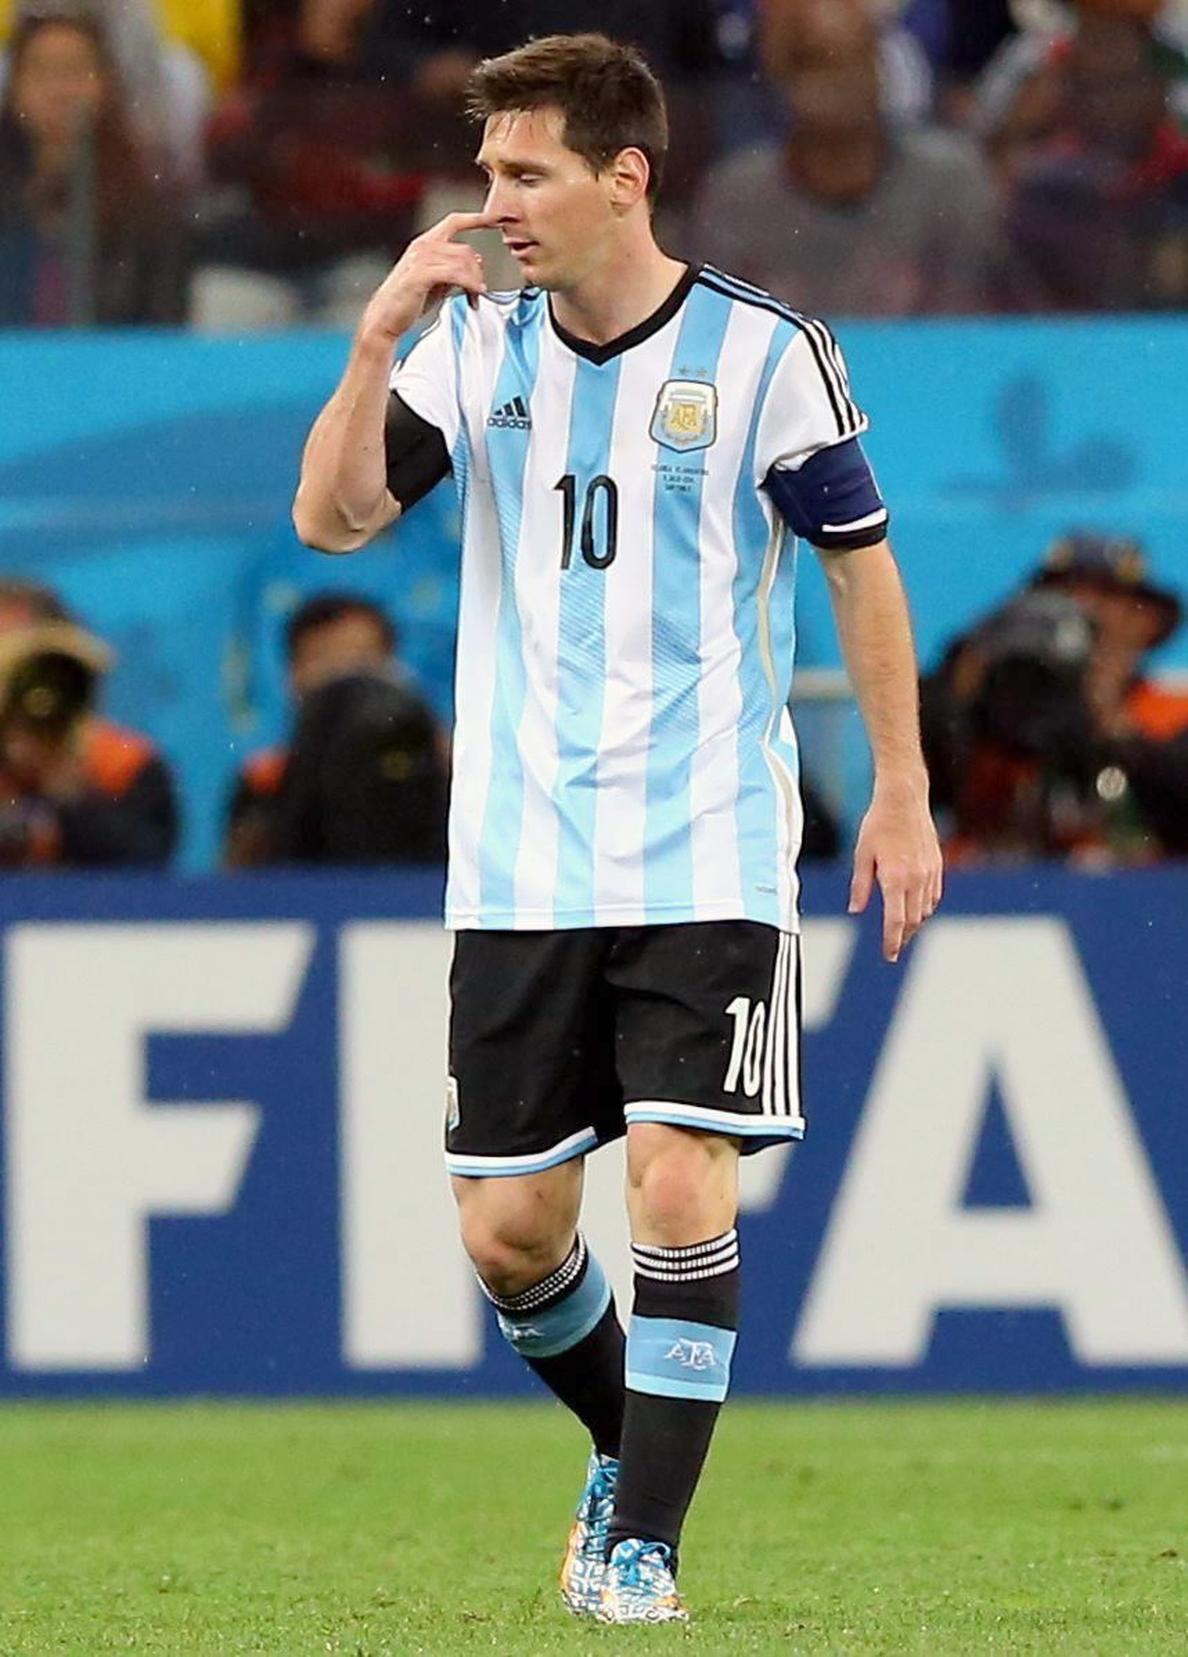 Maradona y el Balón de Oro a Messi, «le quieren hacer ganar algo que no ganó»